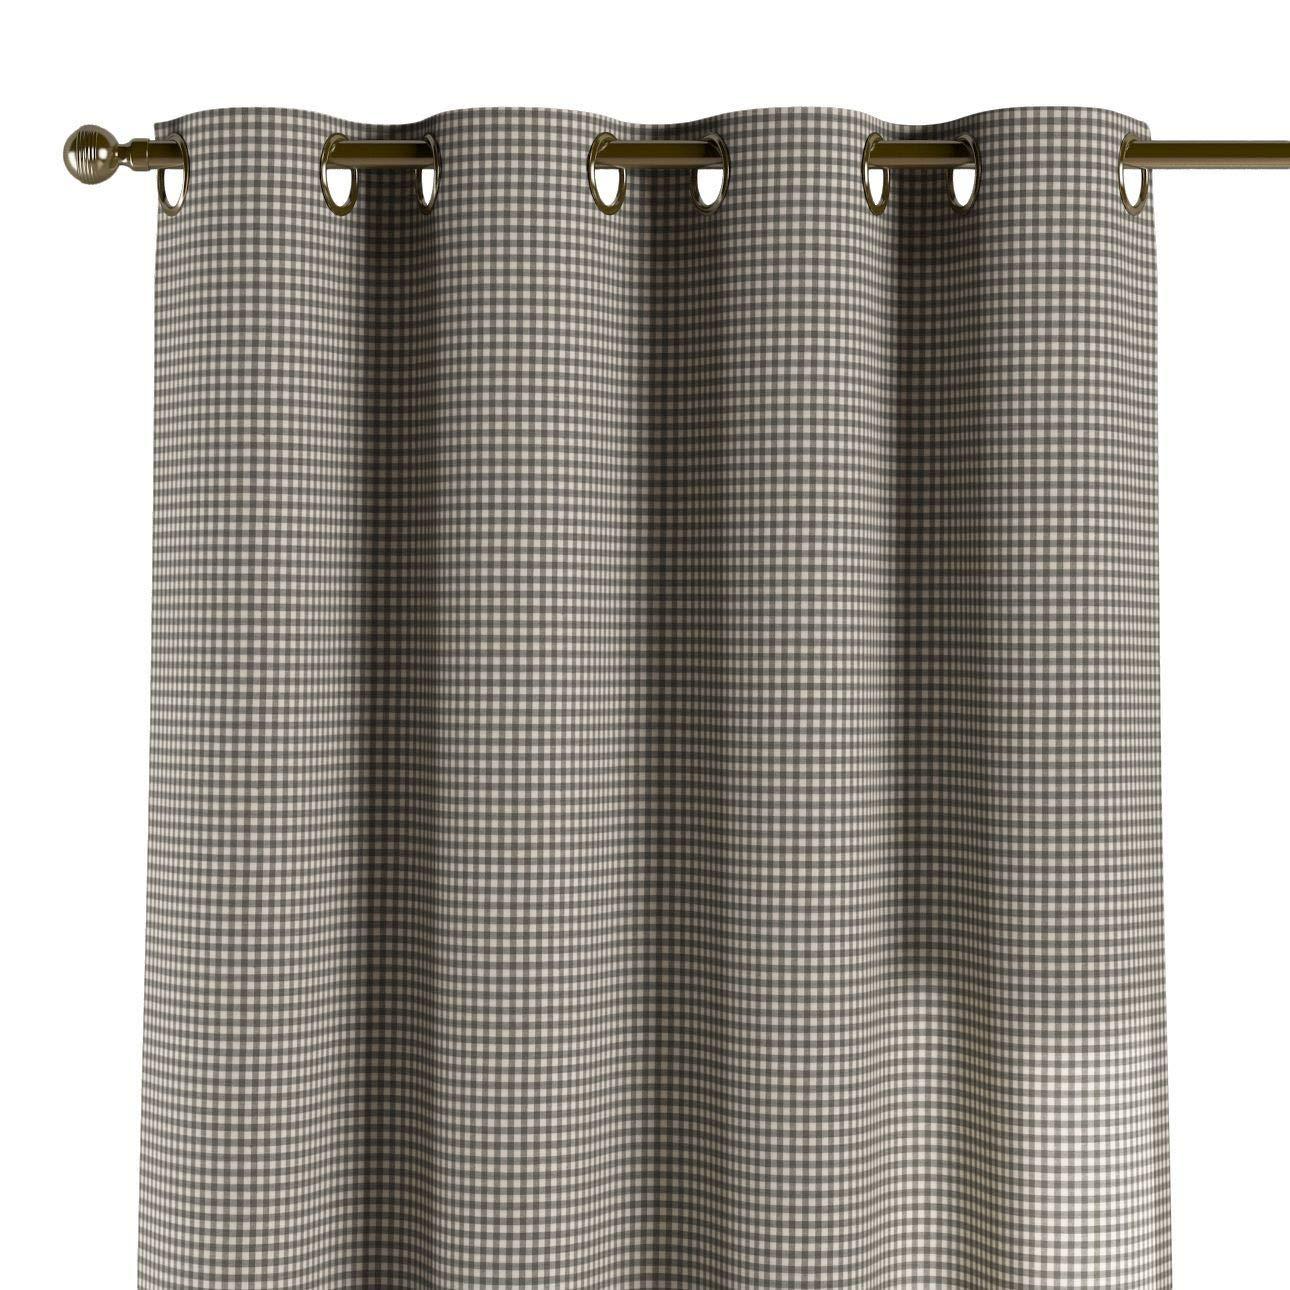 Dekoria Ösenschal Dekoschal Blickdicht 1 Stck. 130 × 260 cm grau-Ecru Maßanfertigung möglich